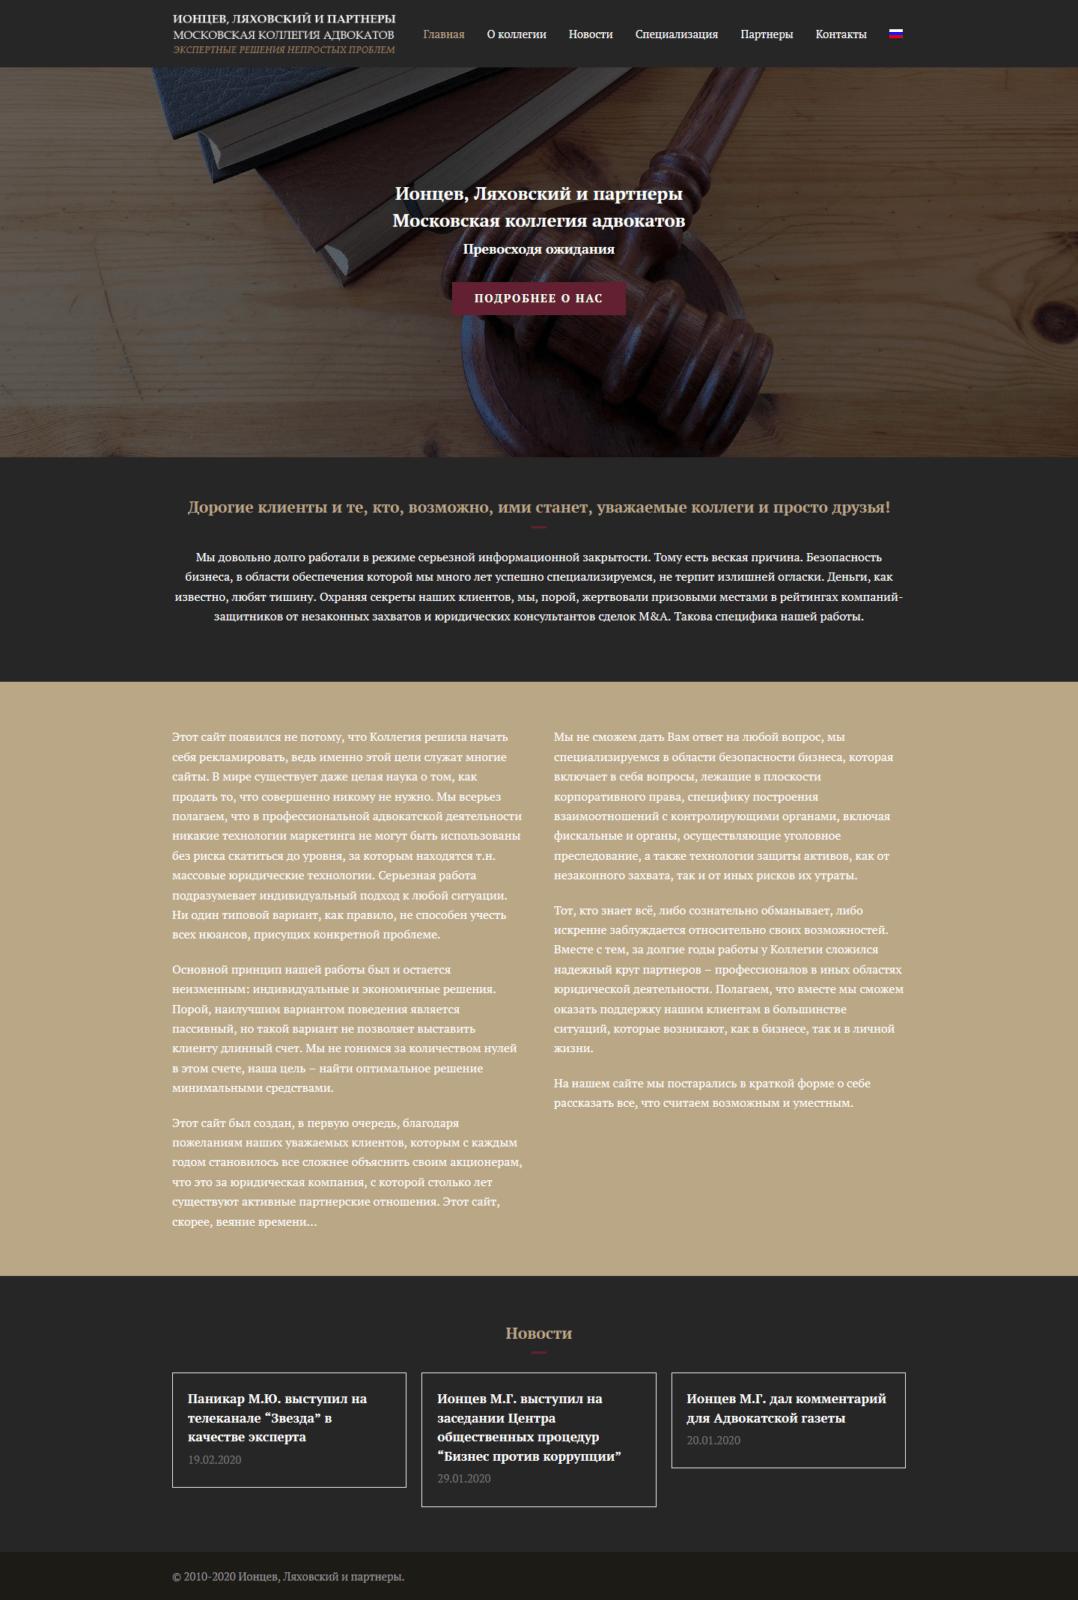 создание сайта адвокатов